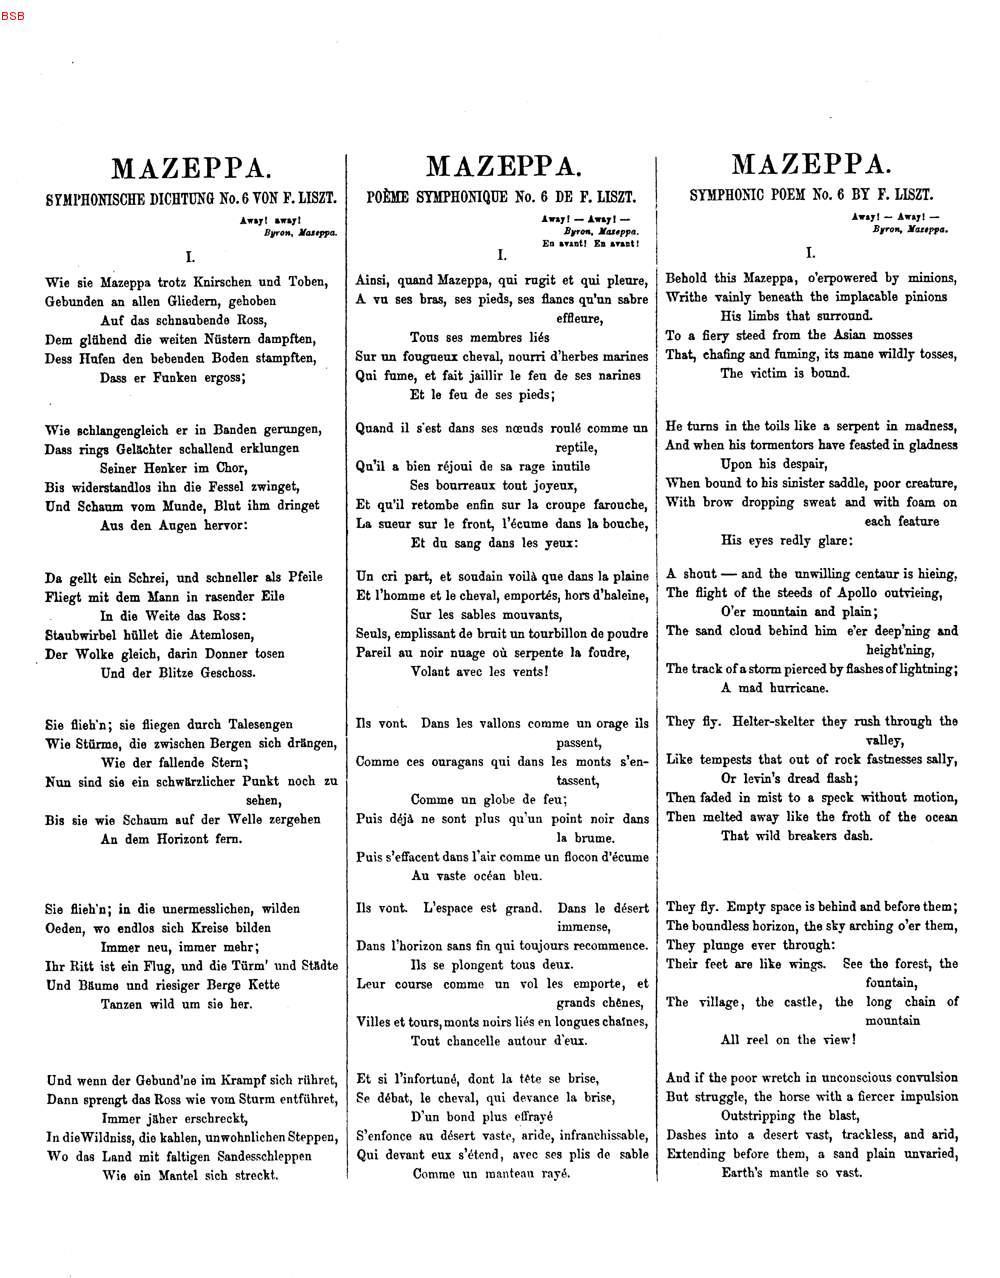 Mazeppagedicht Von Victor Hugo 69 De Liszt Franz